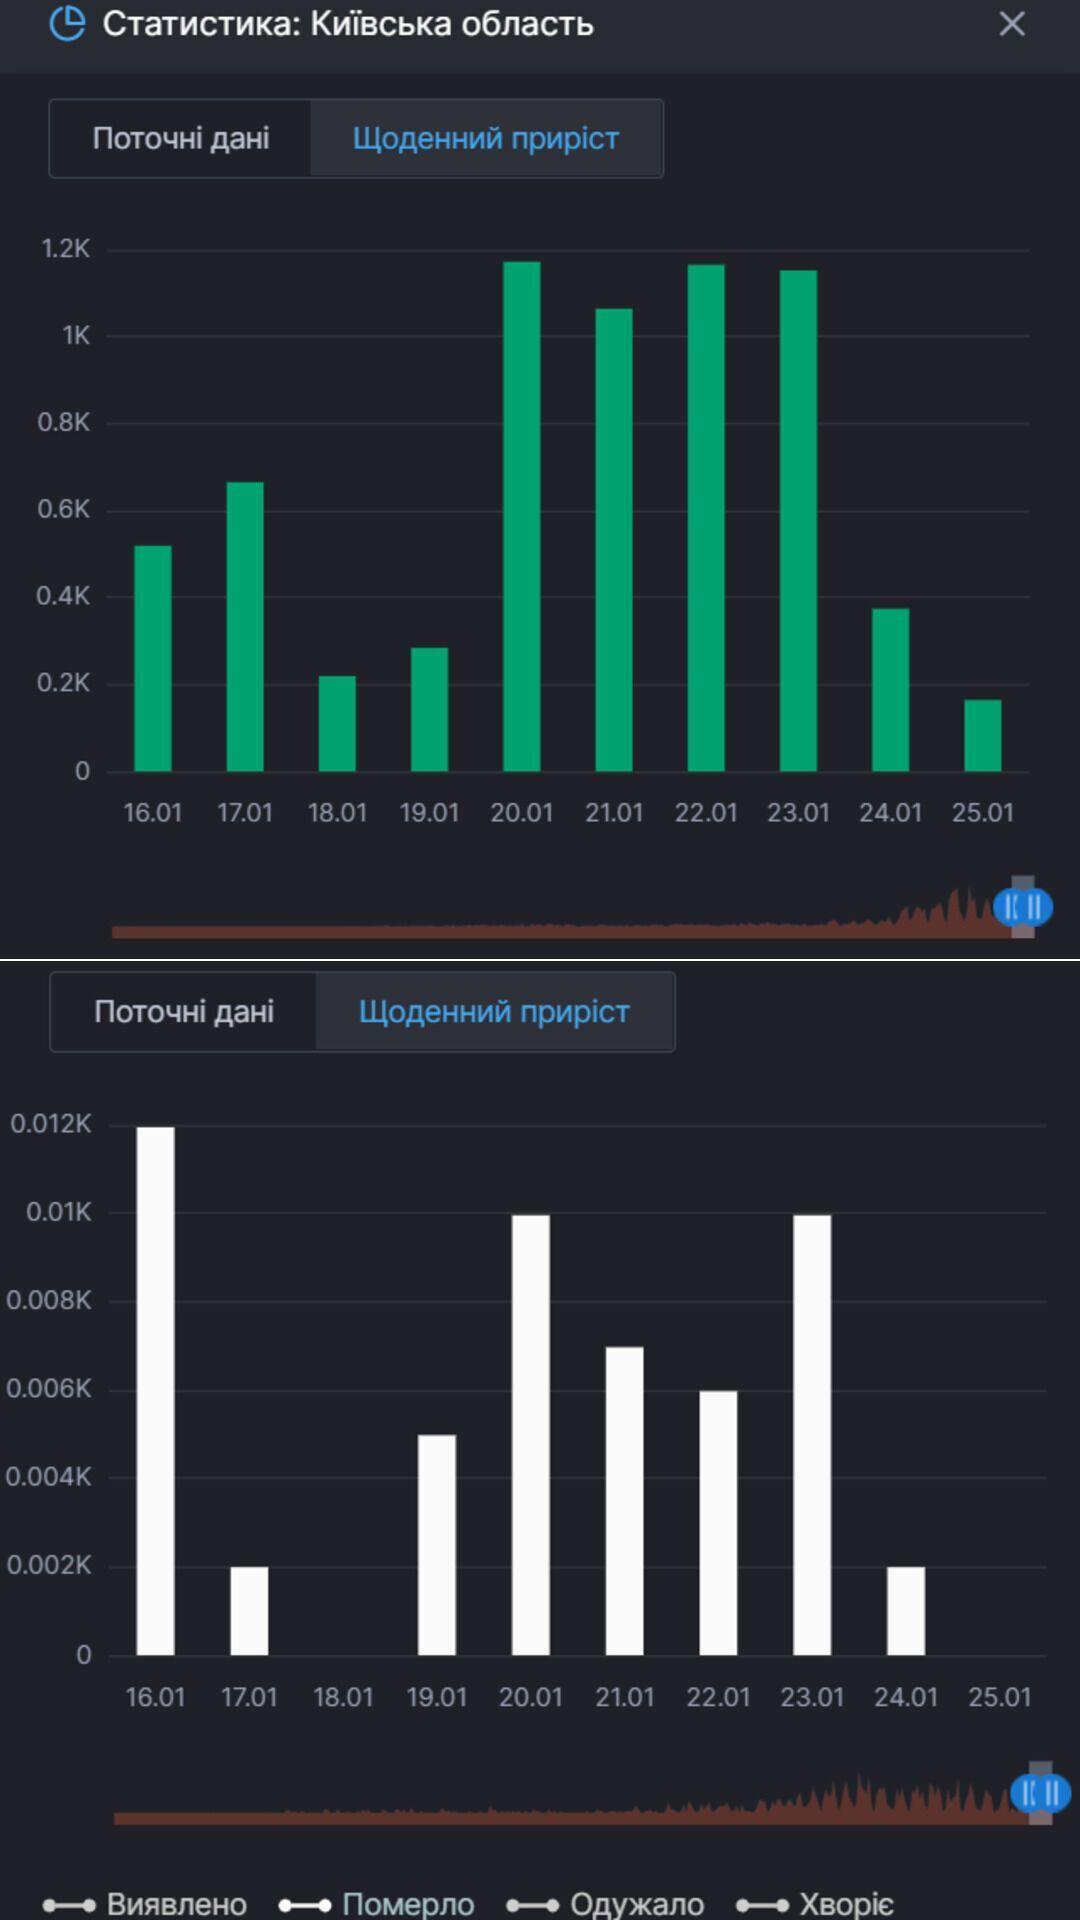 Щоденний приріст одужань і смертей від COVID-19 у Київській області